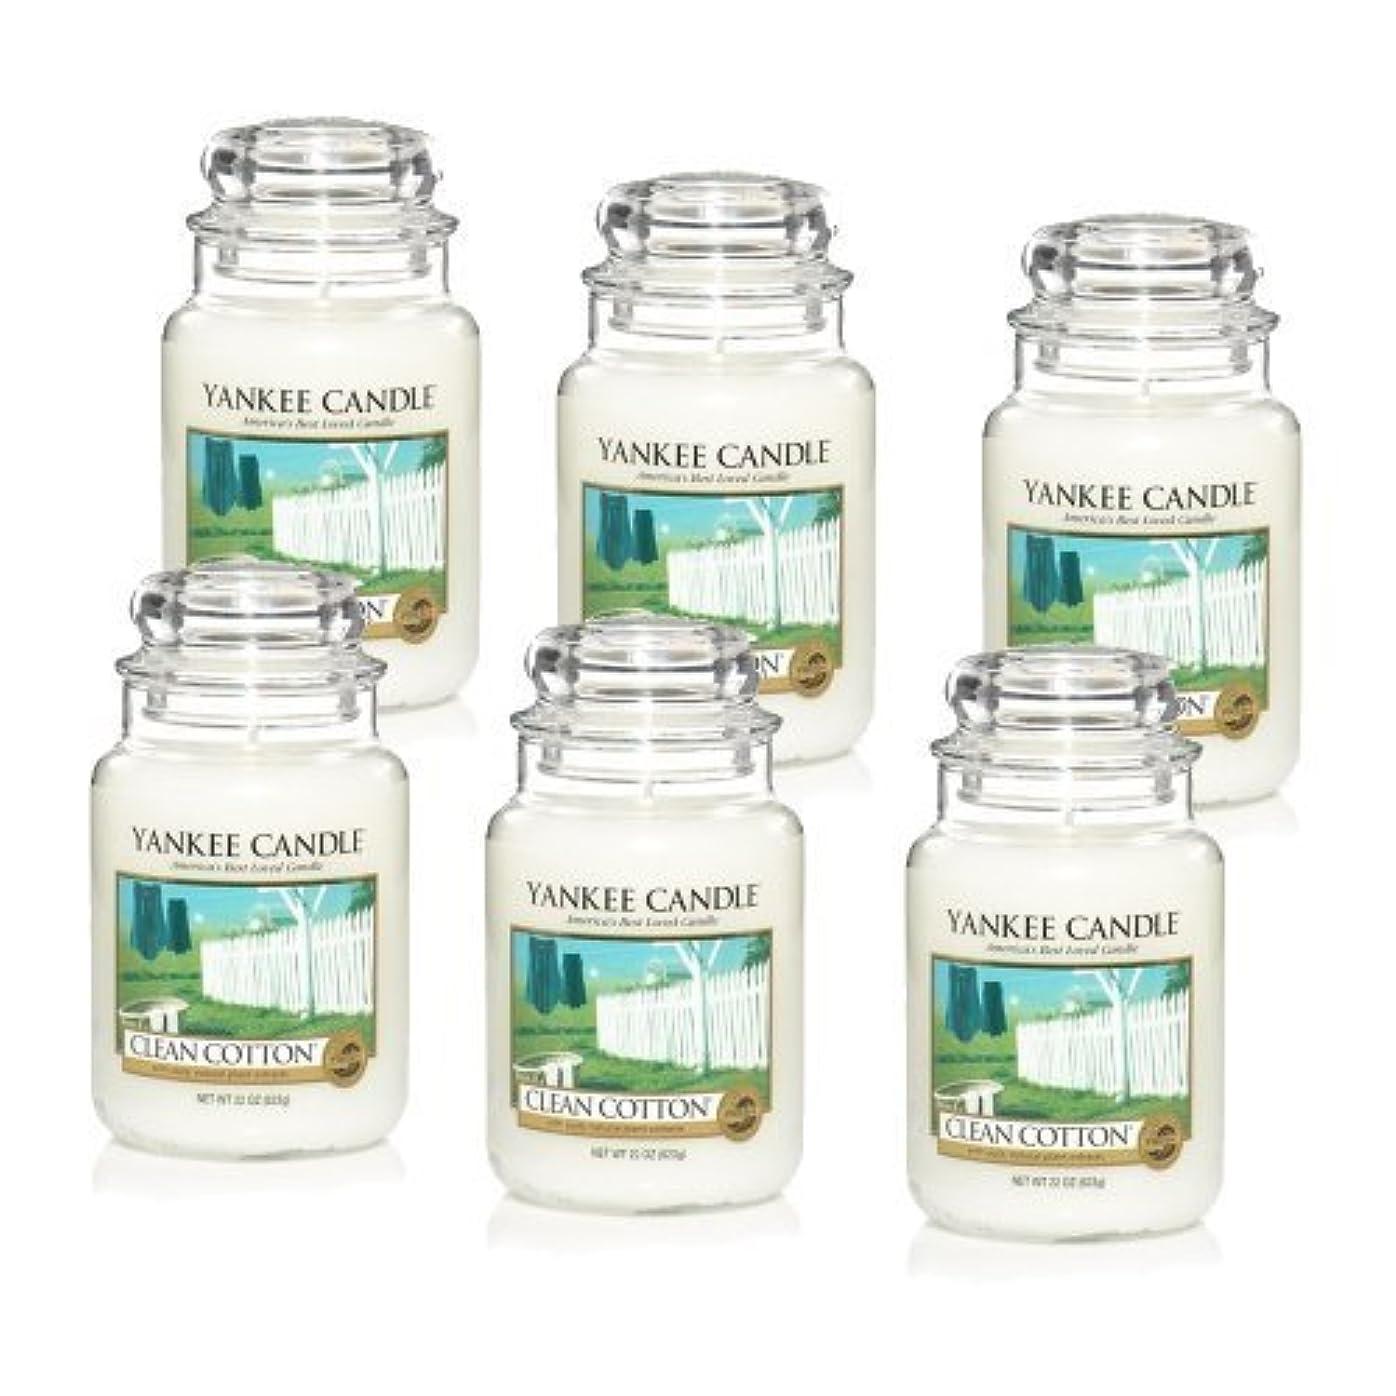 ヒロイン人種有益Yankee Candle Company Clean Cotton 22-Ounce Jar Candle, Large, Set of 6 by Amazon source [並行輸入品]